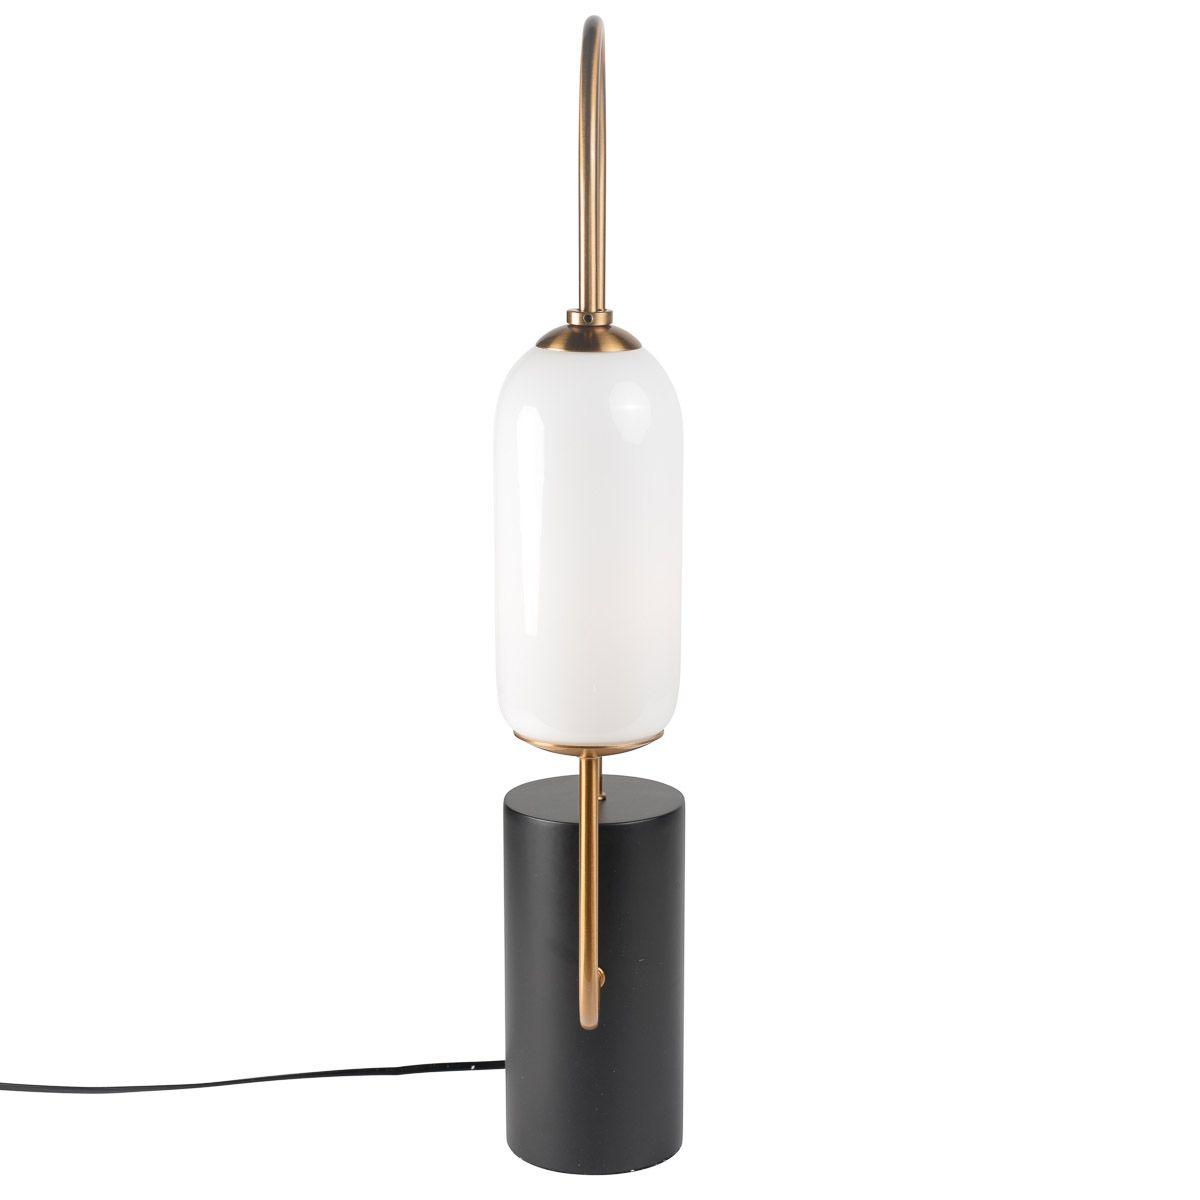 CLASSY - Lampe sur socle noir